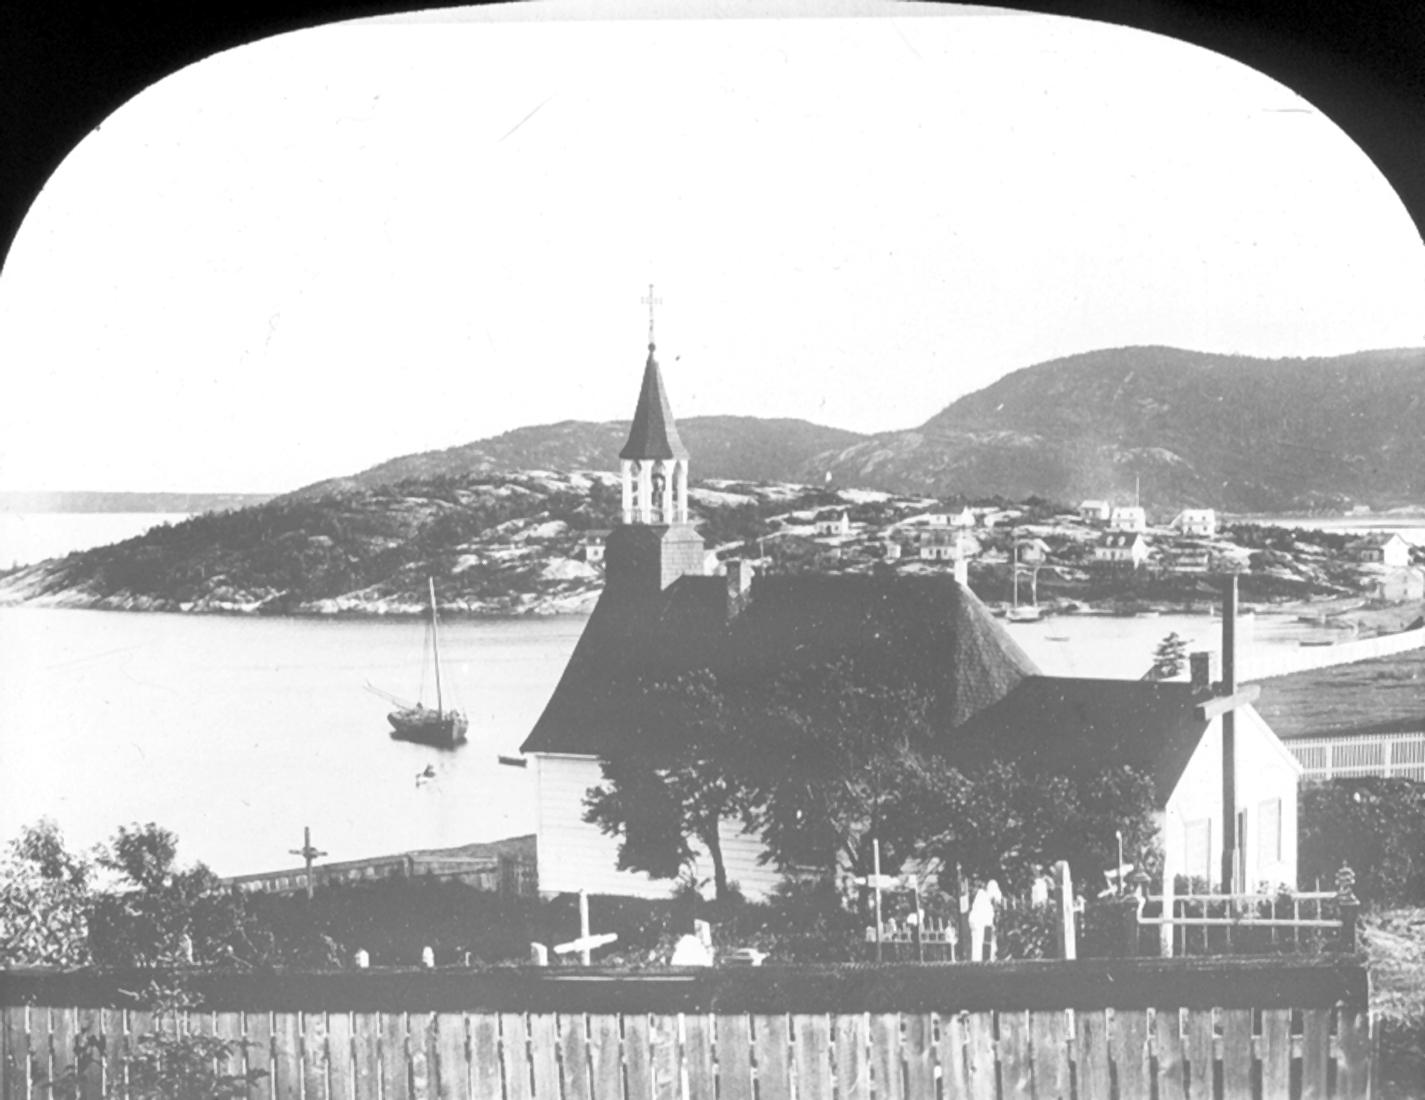 Une chapelle et son cimetière dominent une colline. Quelques maisons se trouvent sur la côte. Un bateau à voile est amarré.